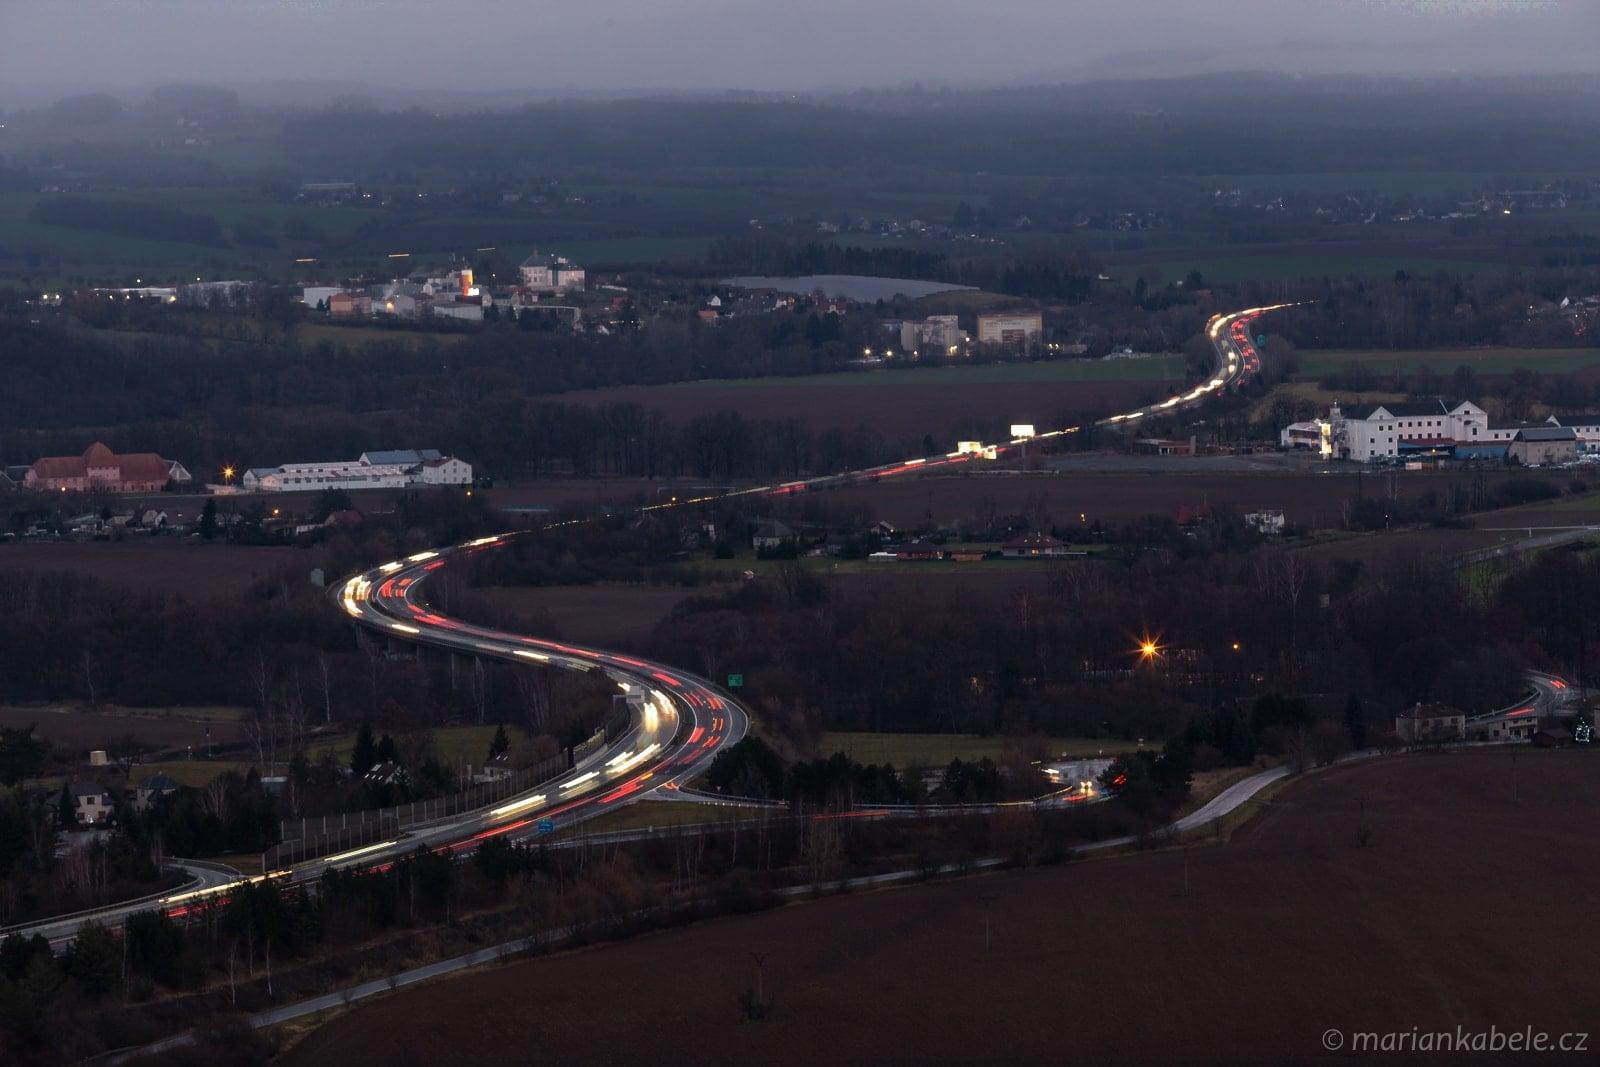 Provoz na dálnici D10 technikou hvězdných drah.